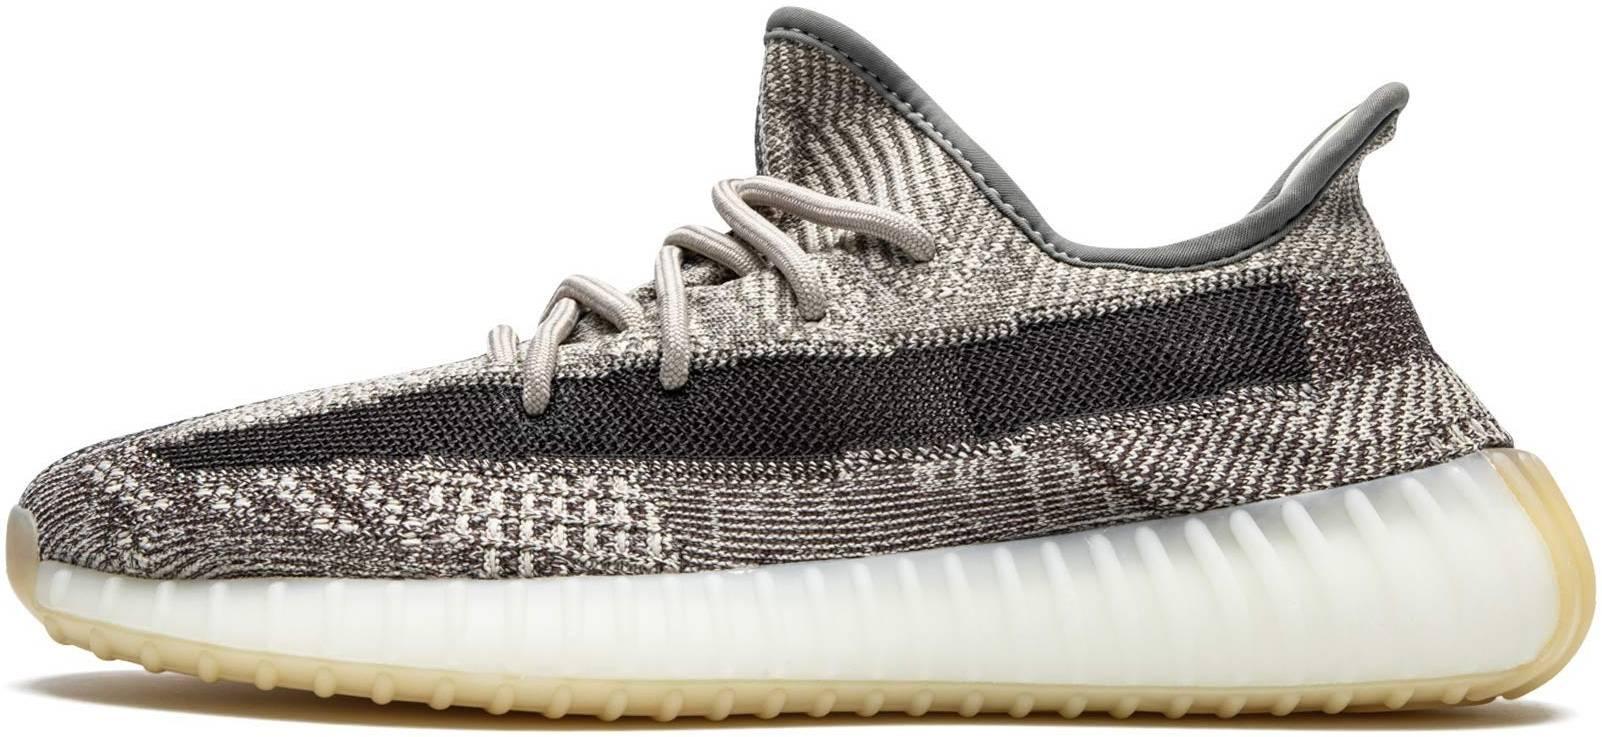 10 Adidas Yeezy sneakers   RunRepeat